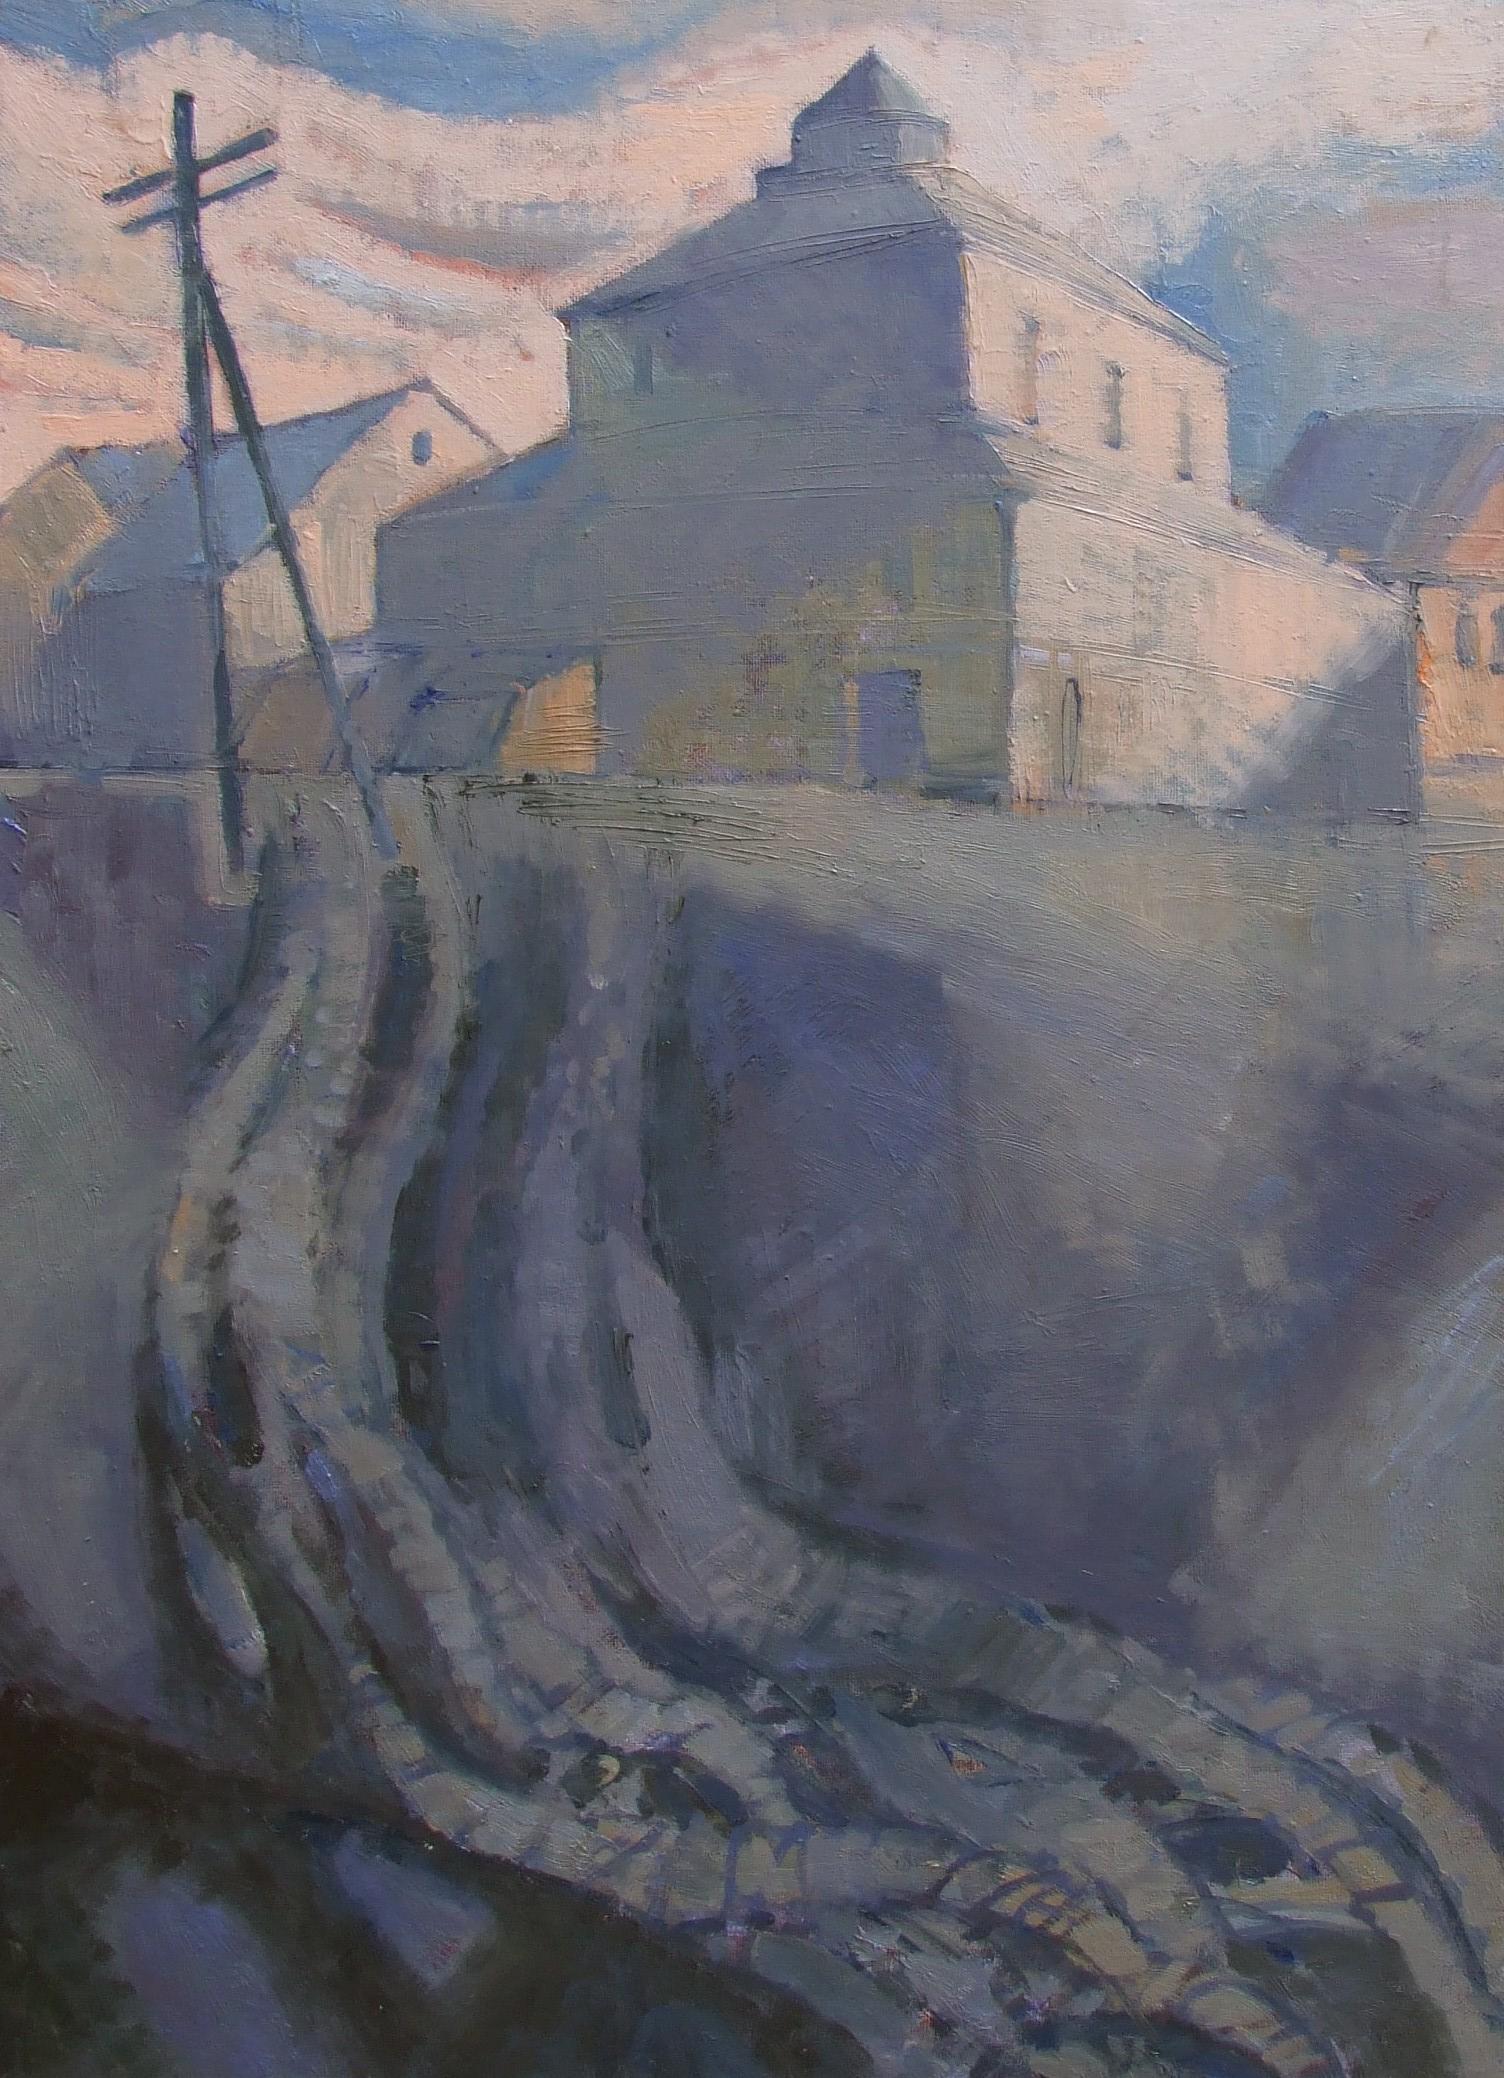 sinagoga_vecherom_70h50_holst_maslo_2011g